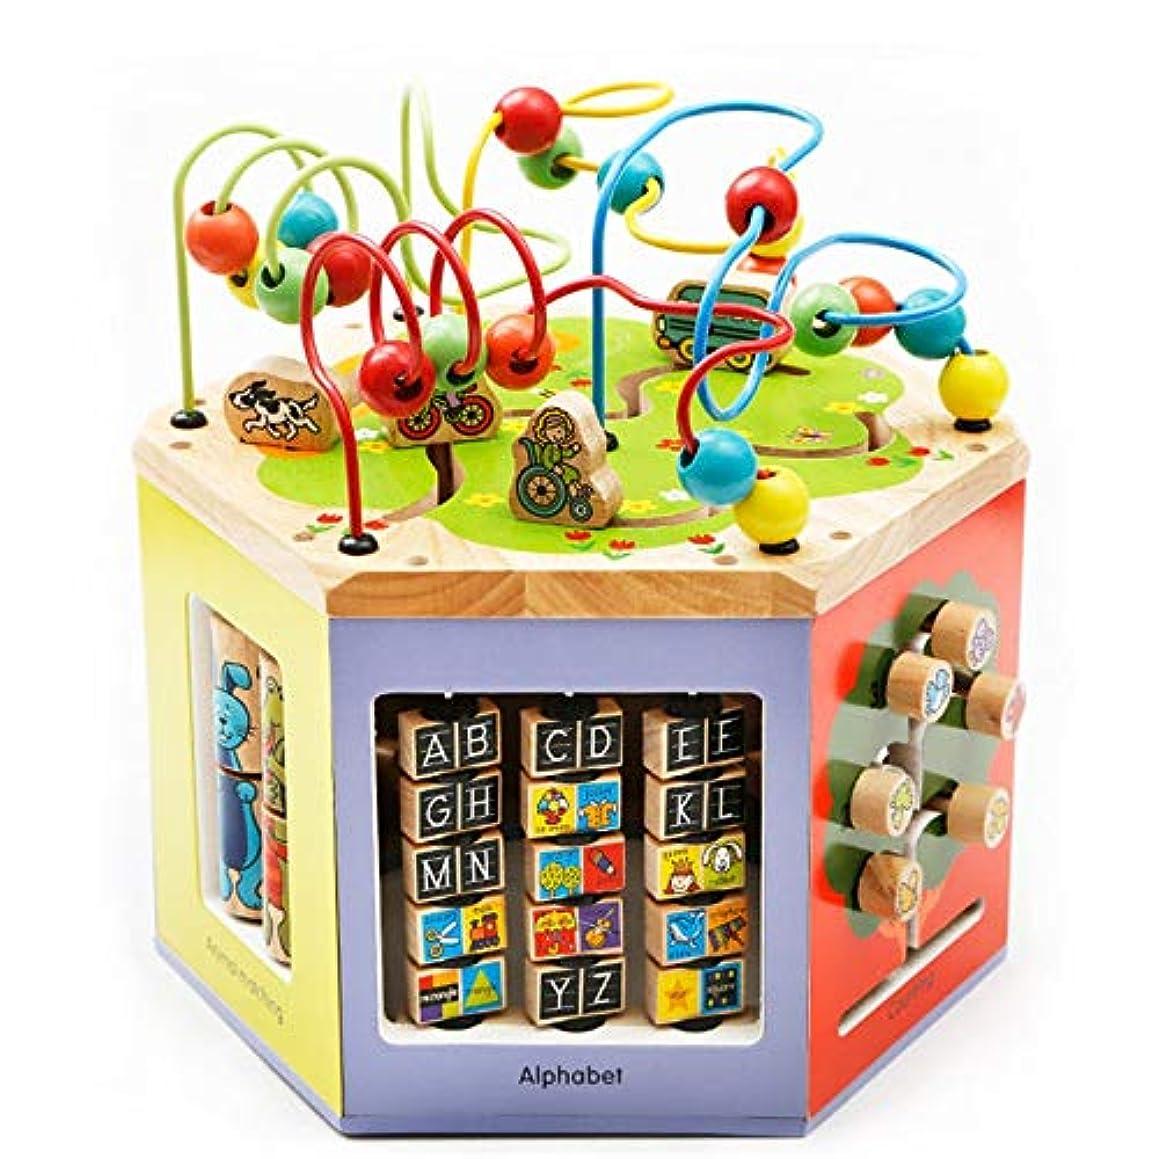 要旨地獄池木製アクティビティキューブ 赤ちゃんの活動キューブ玩具プレイセンター木製ビーズ迷路動物の形ソーター学習発達おもちゃフリーサイズ アクティビティキューブおもちゃ (Color : Multi-colored, Size : Free size)